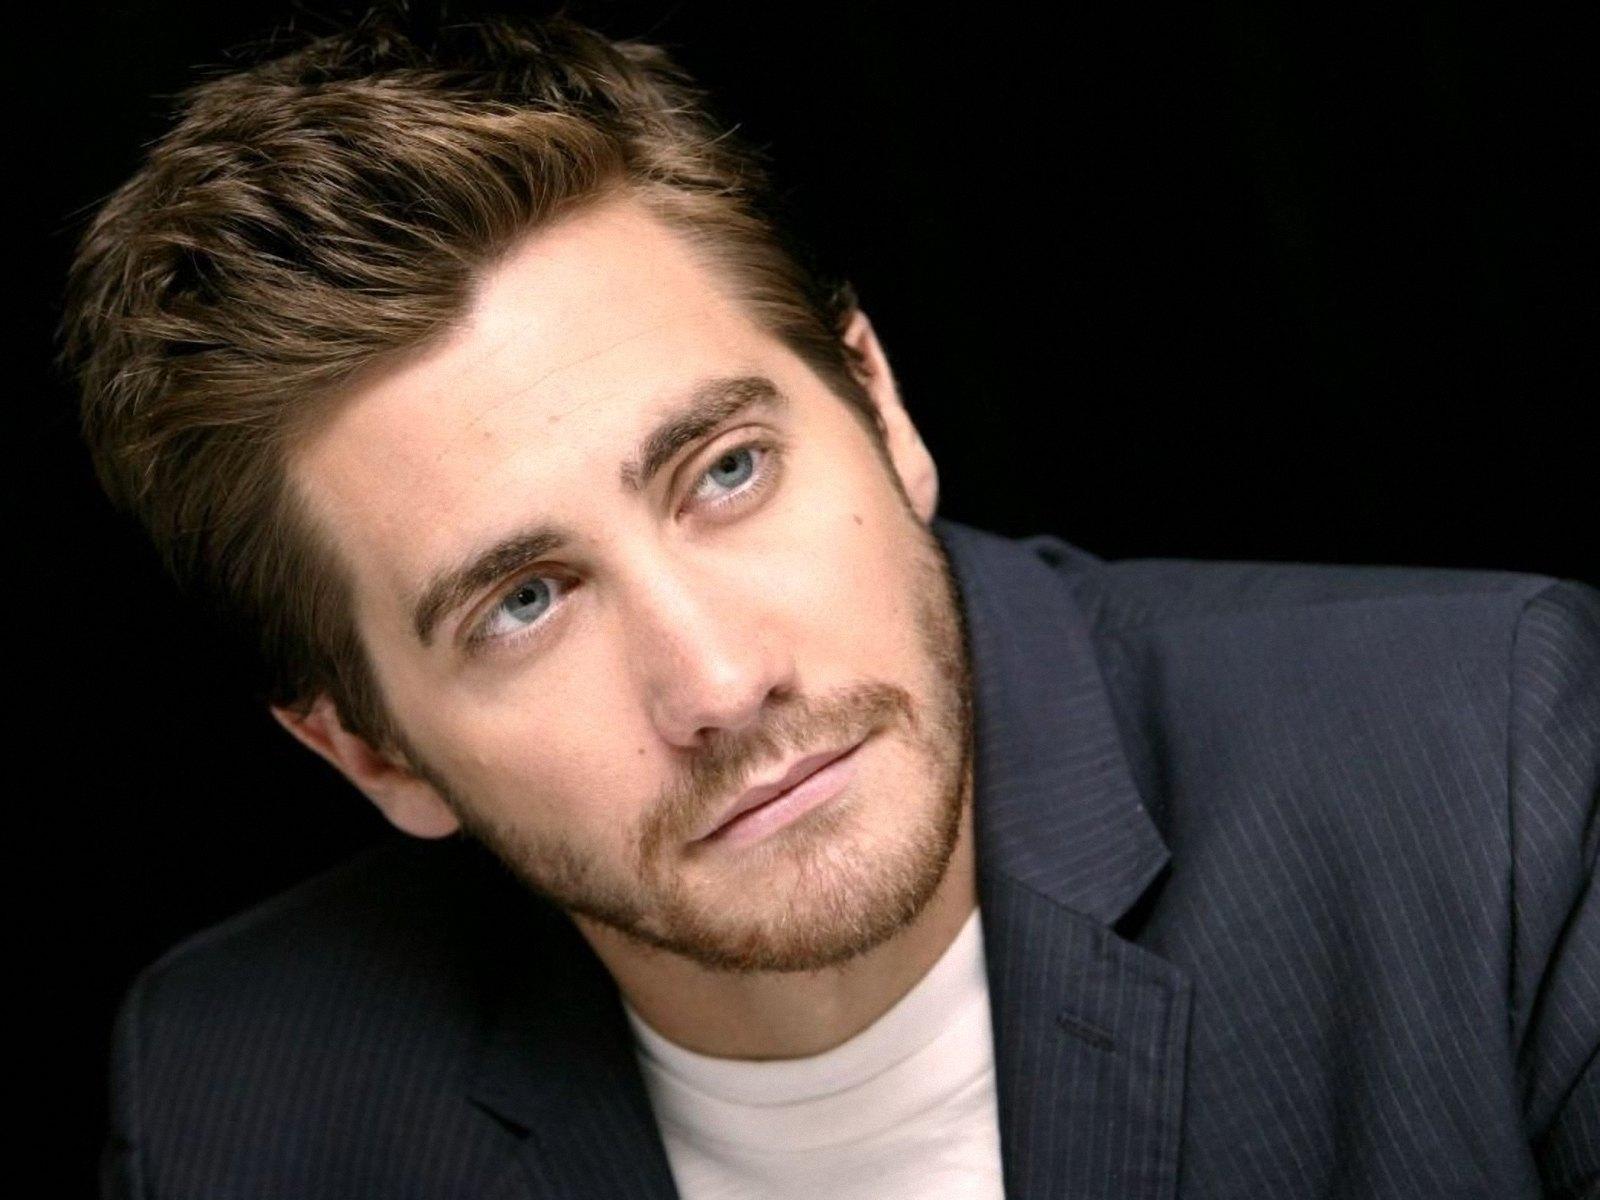 Http://awesomepeoplecomua/jake Gyllenhaal/